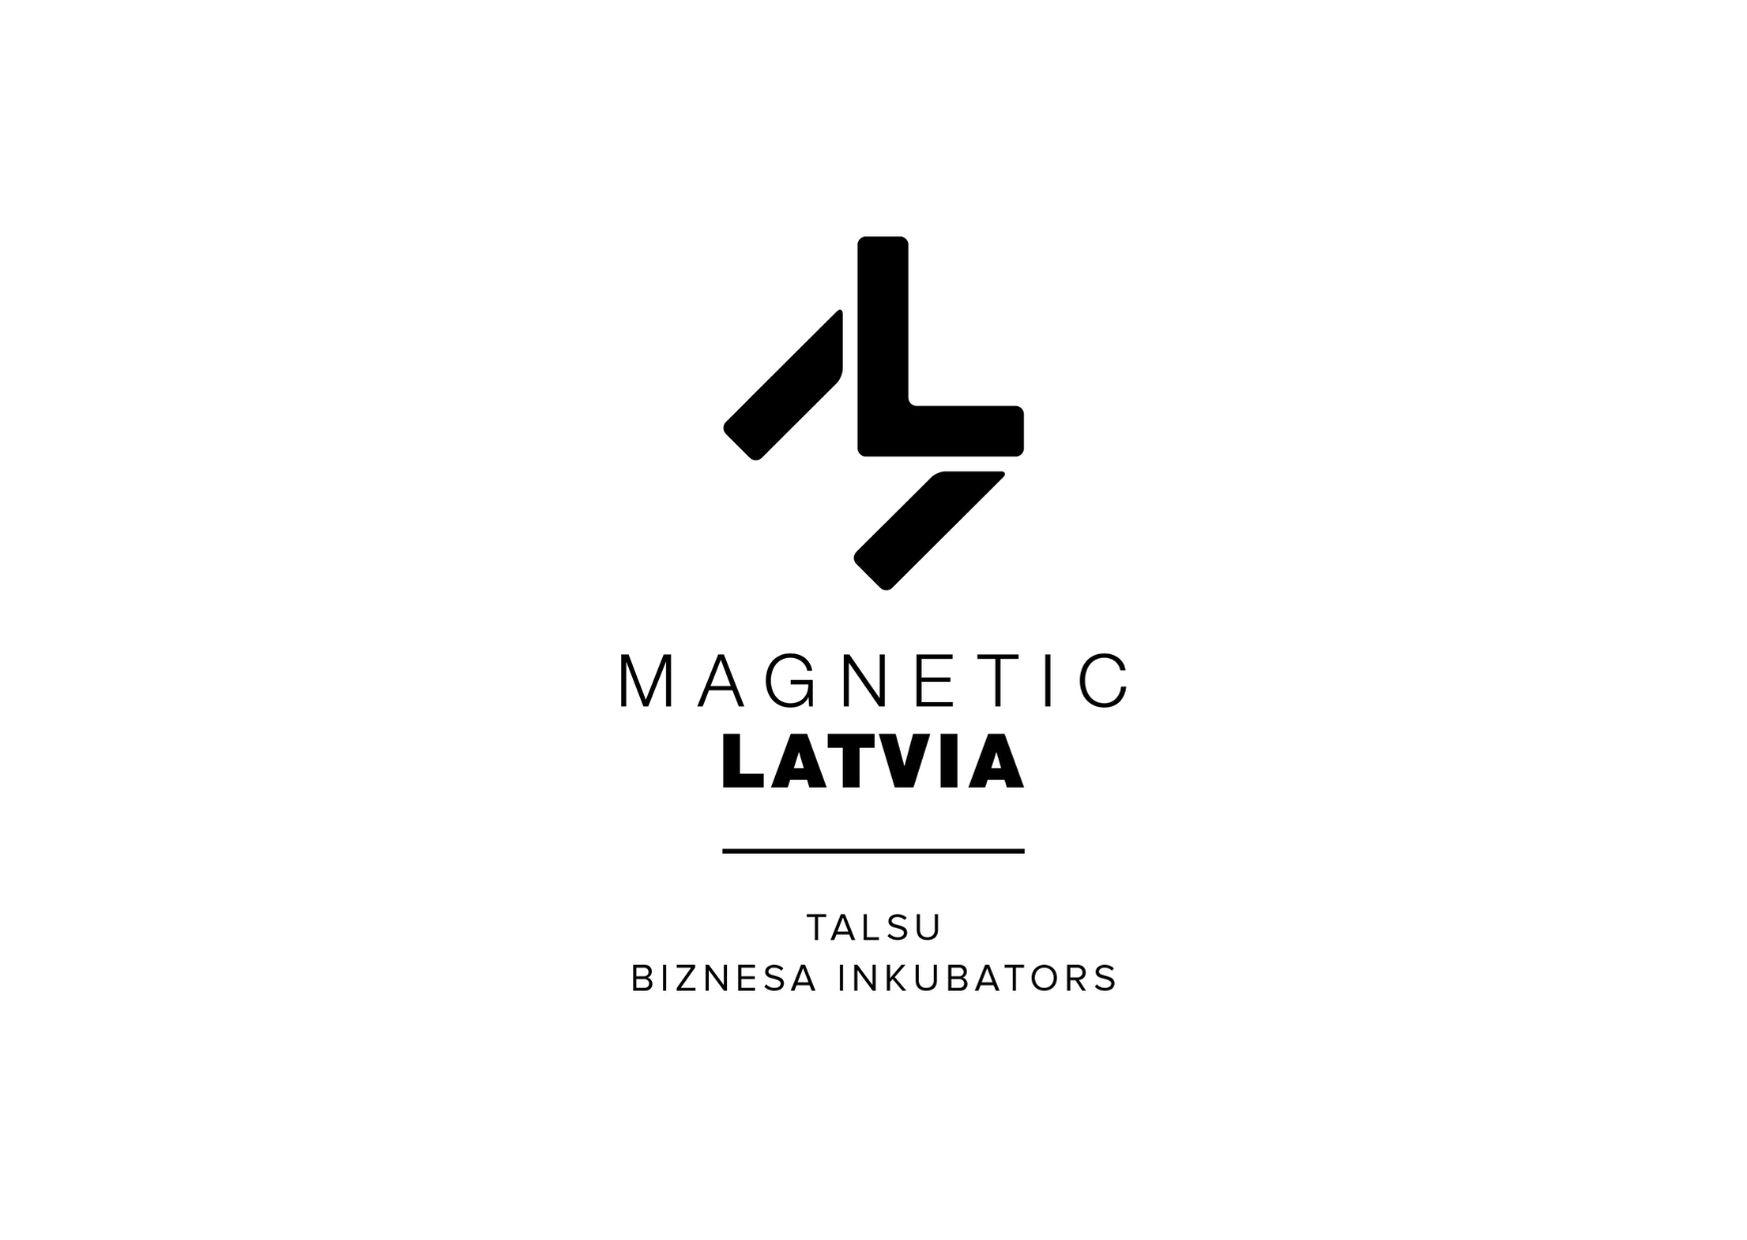 LIAA Talsu biznesa inkubatorā jaunu dalībnieku uzņemšana